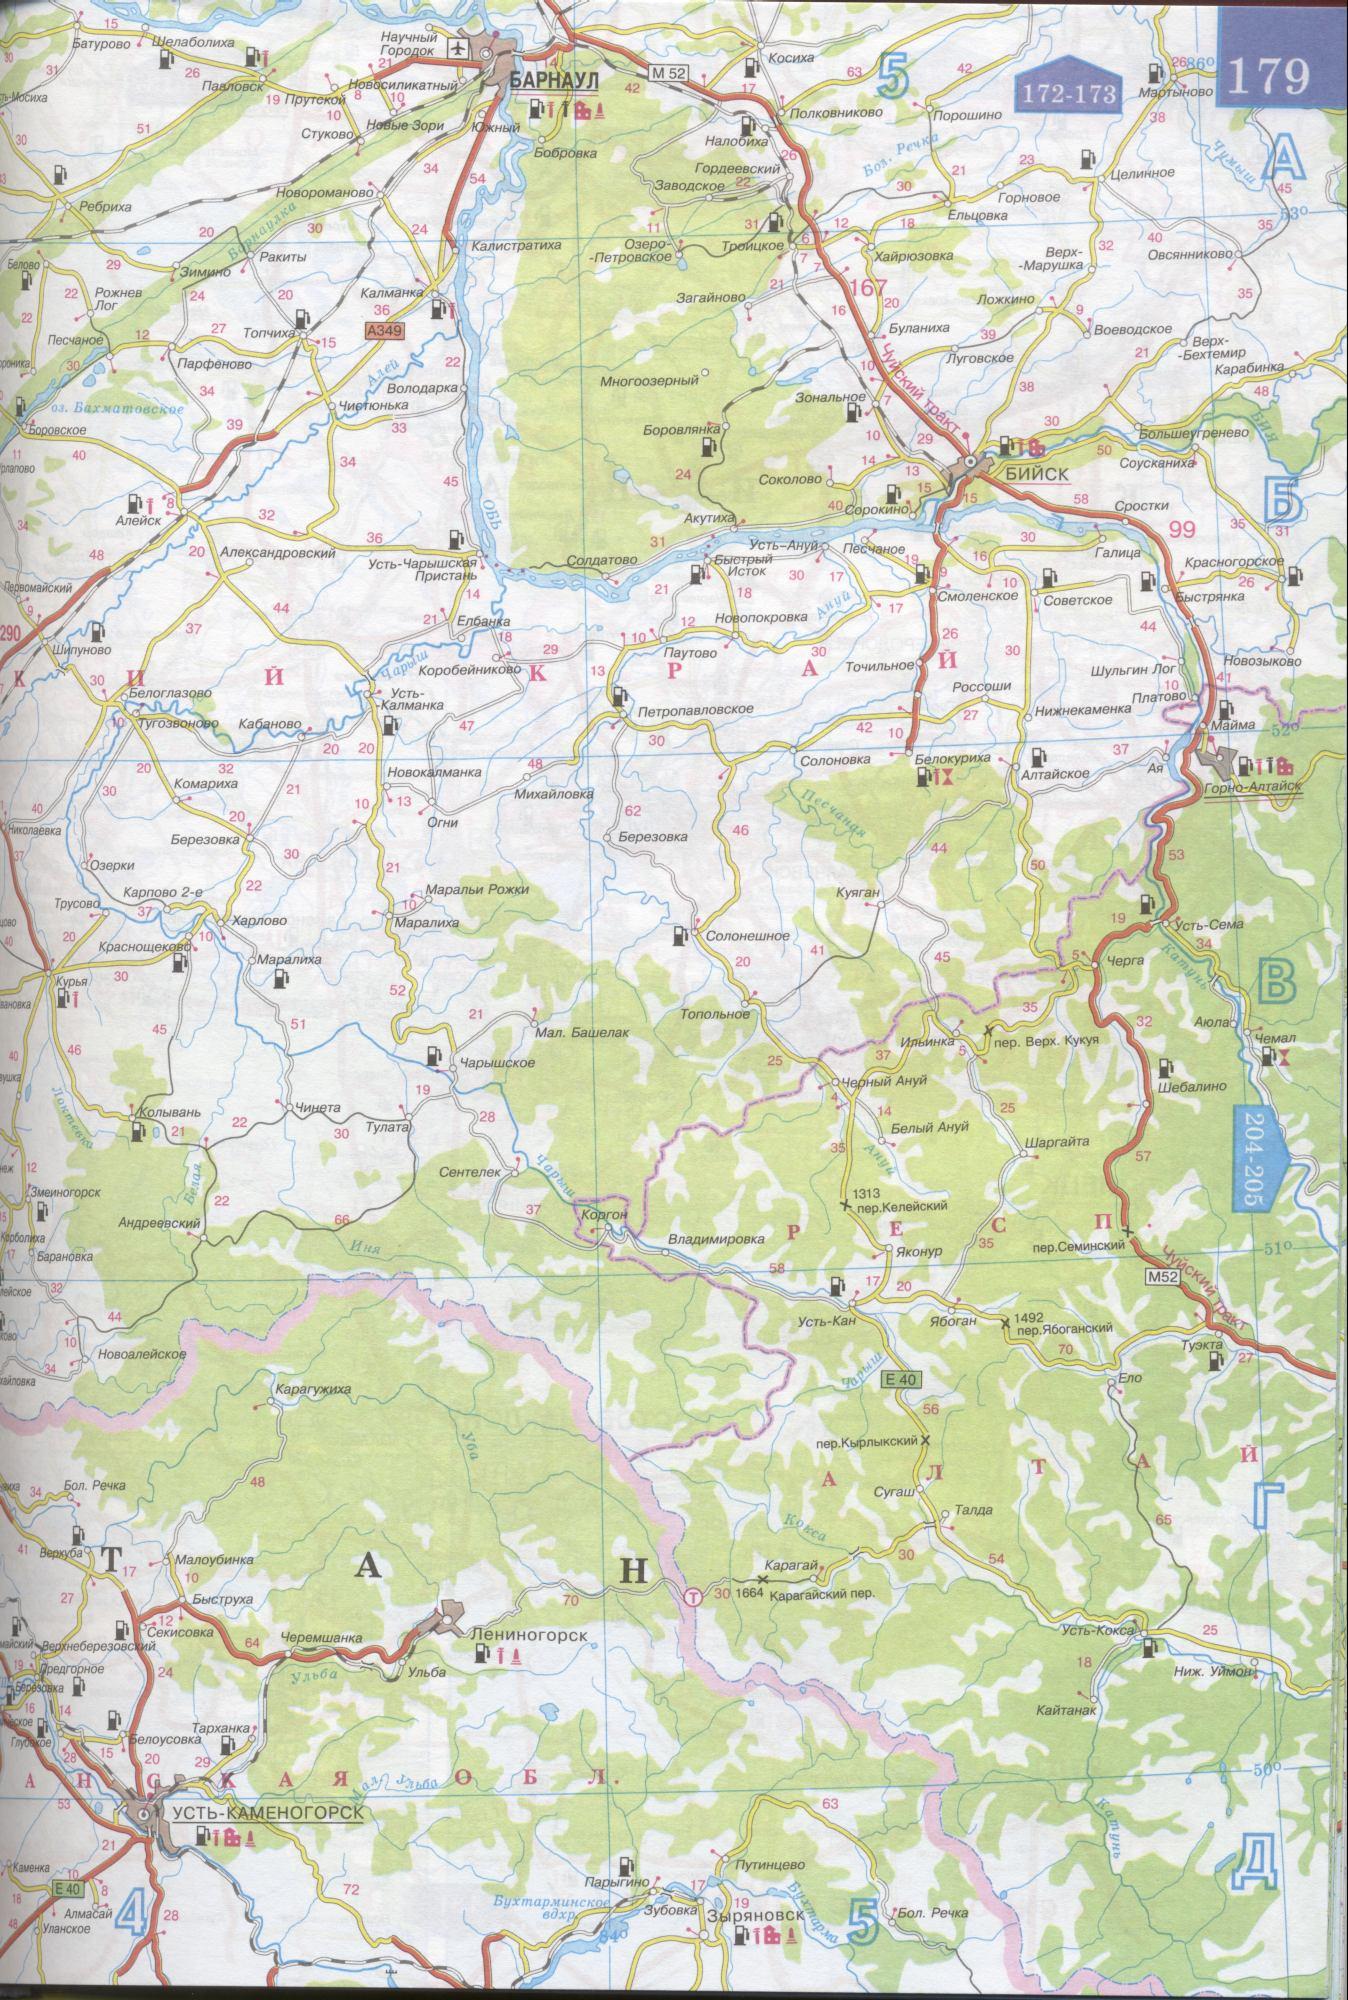 Алтайский край.  Подробная карта авто дорог Алтайского края масштаба 1см 15км.